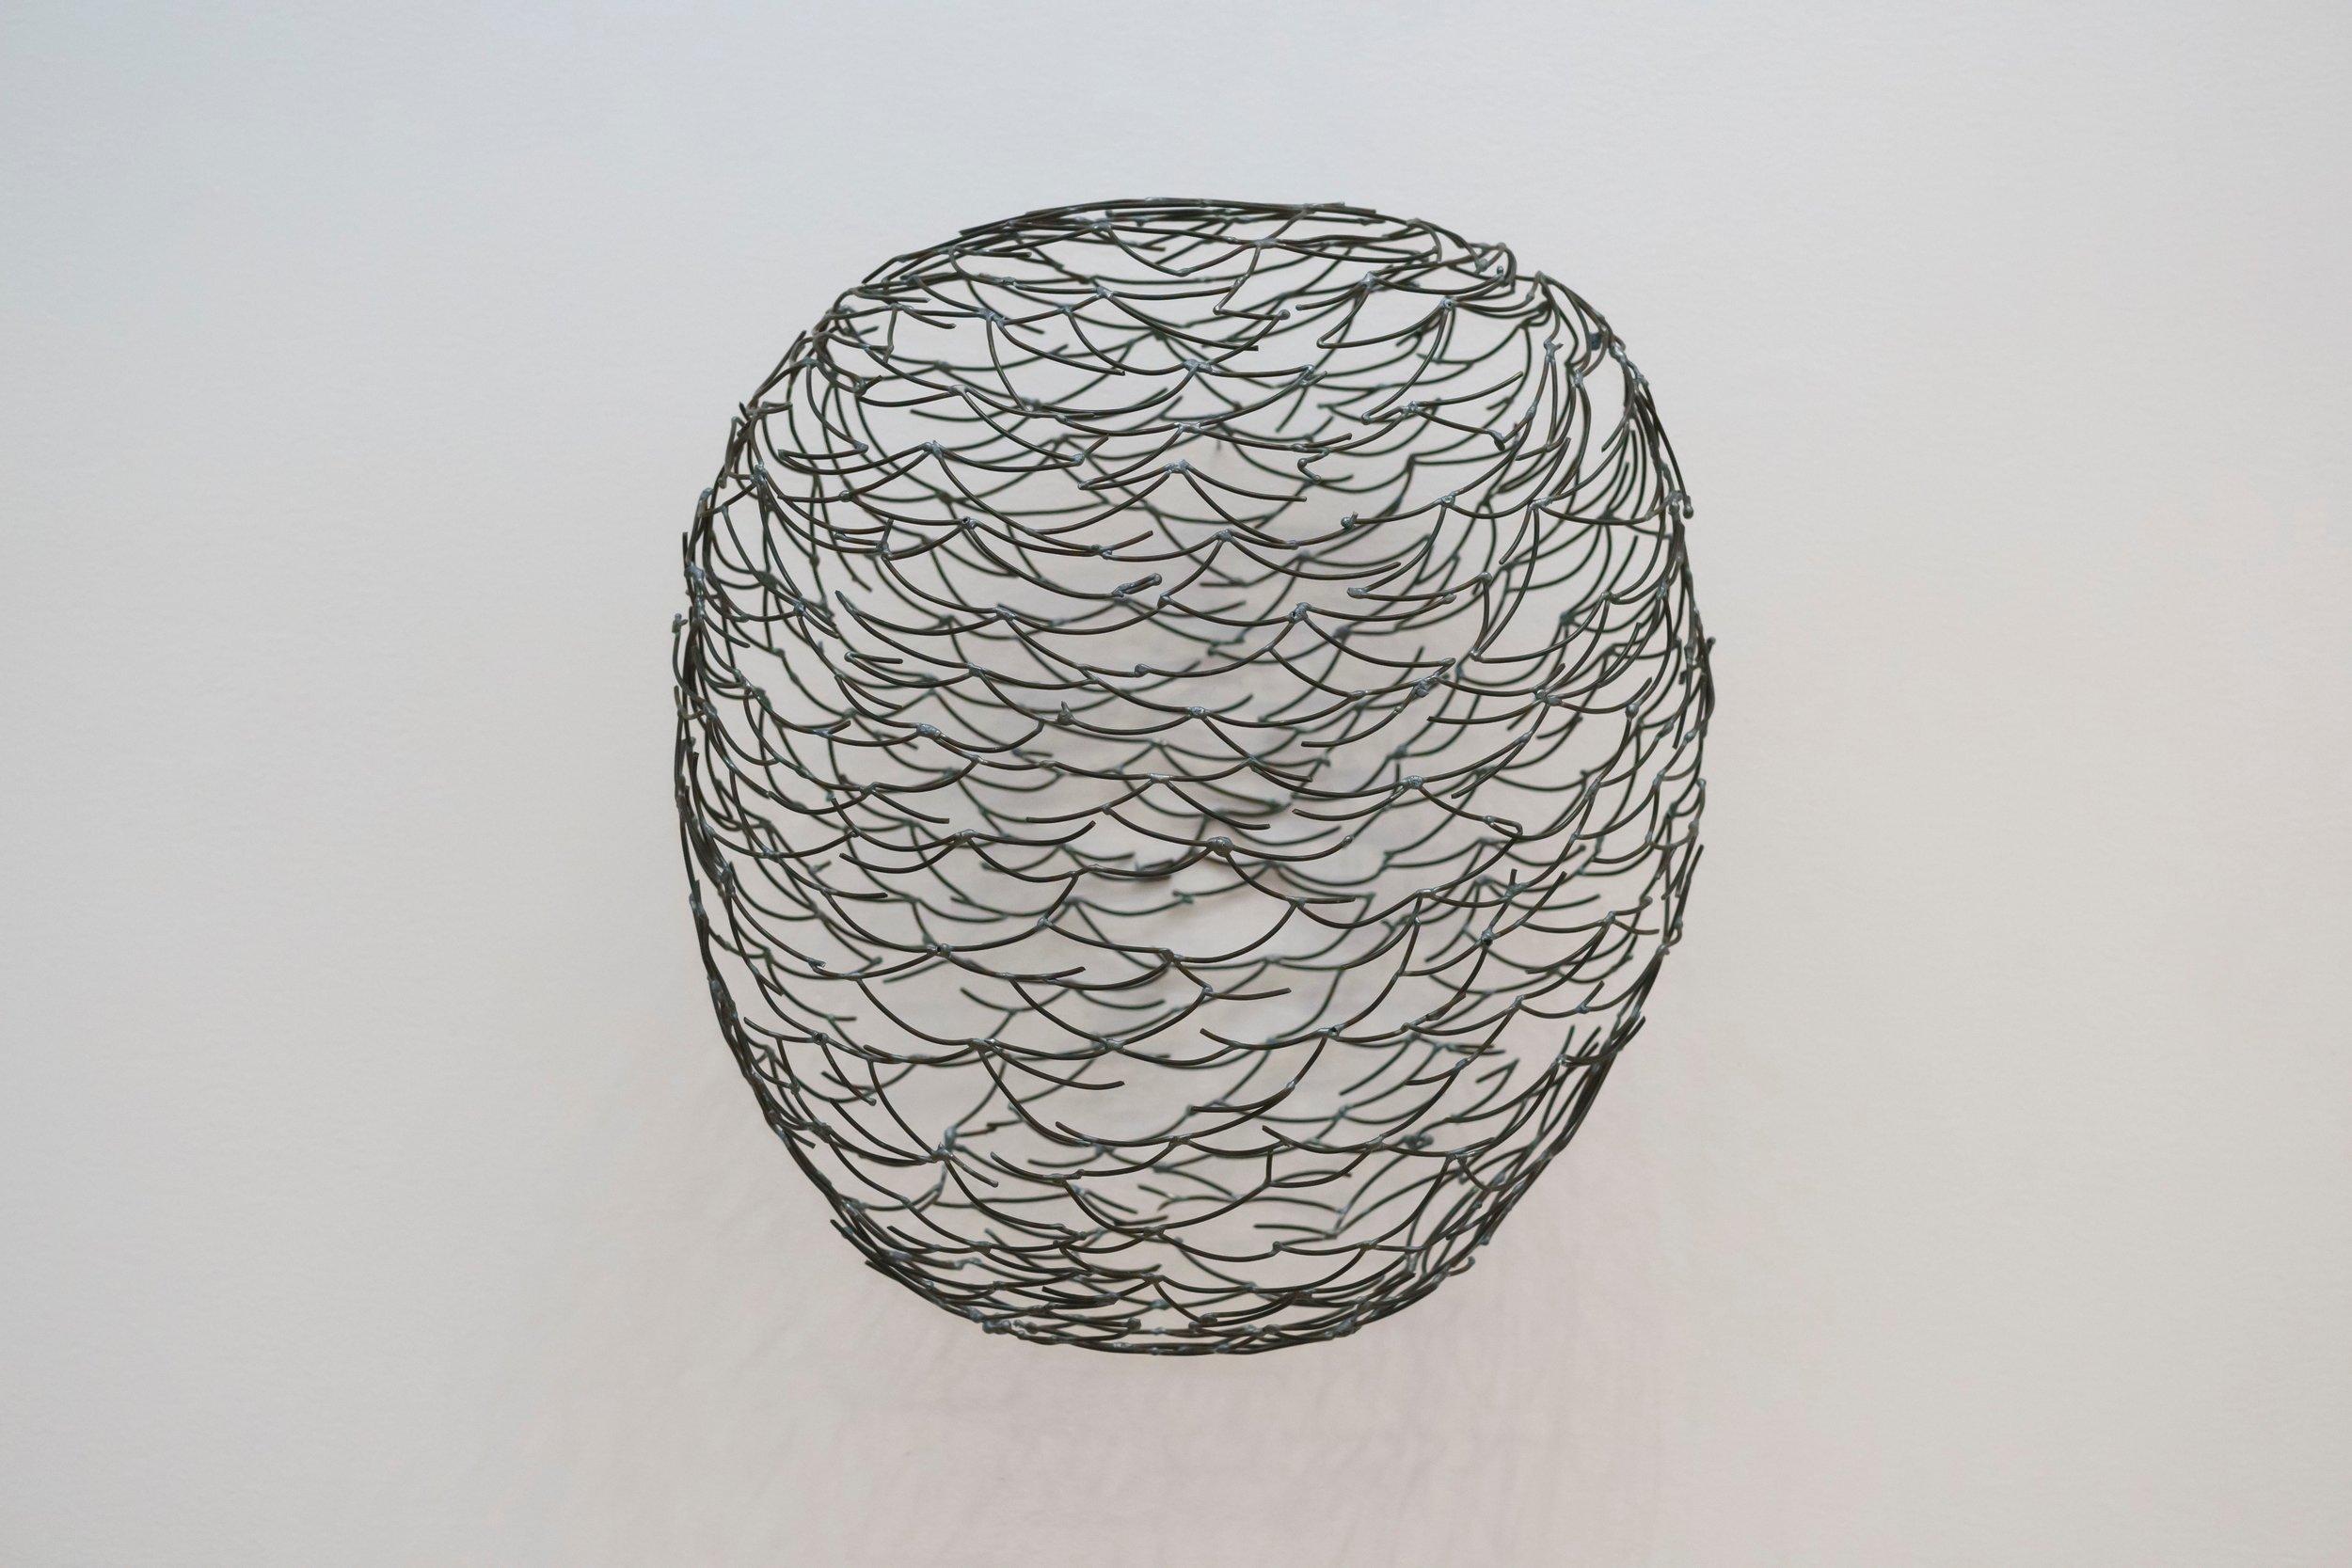 Swarm Head Drawing